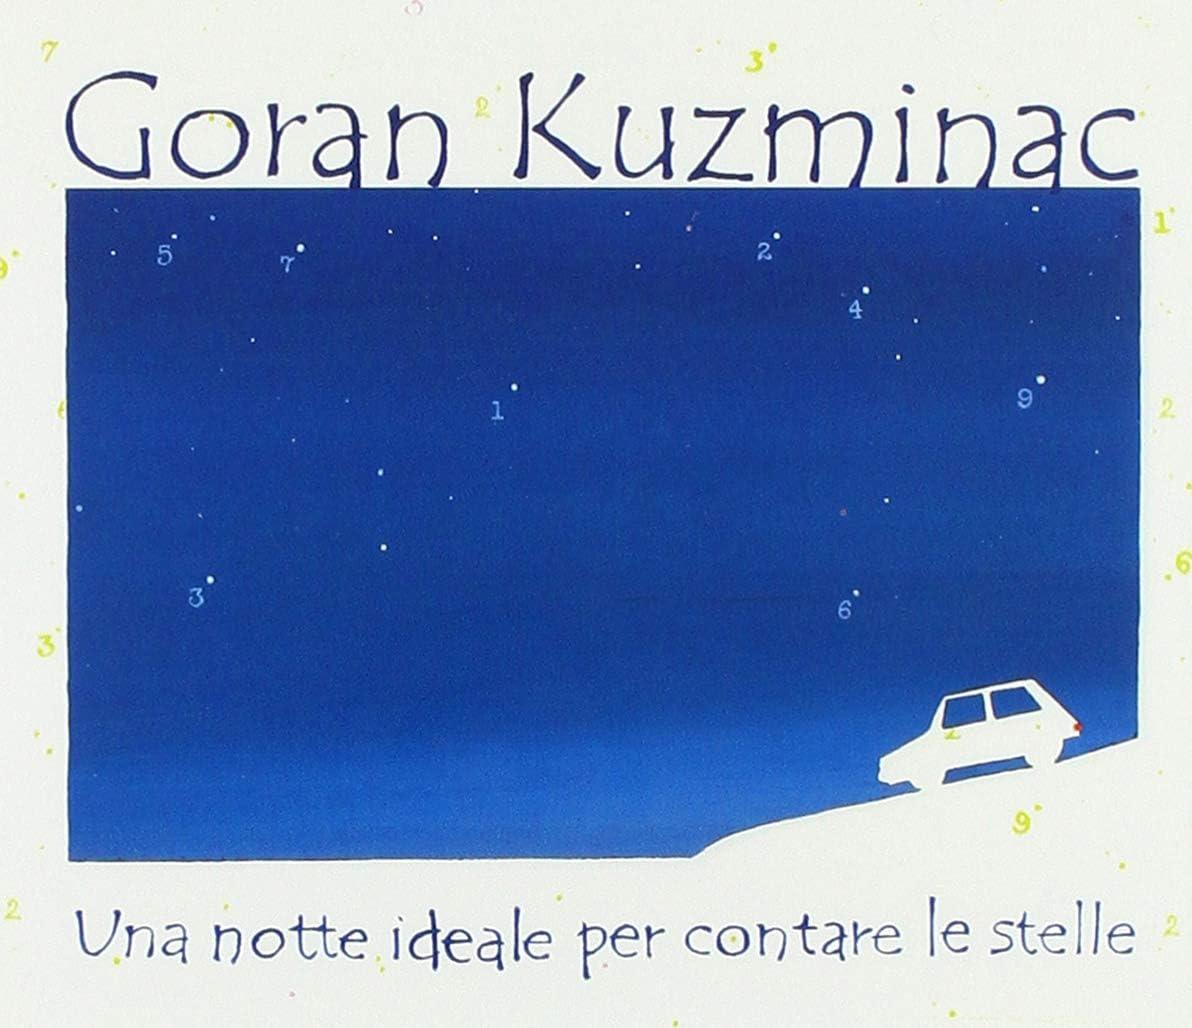 Goran Kusminac - Una notte ideale per contare le stelle - cover